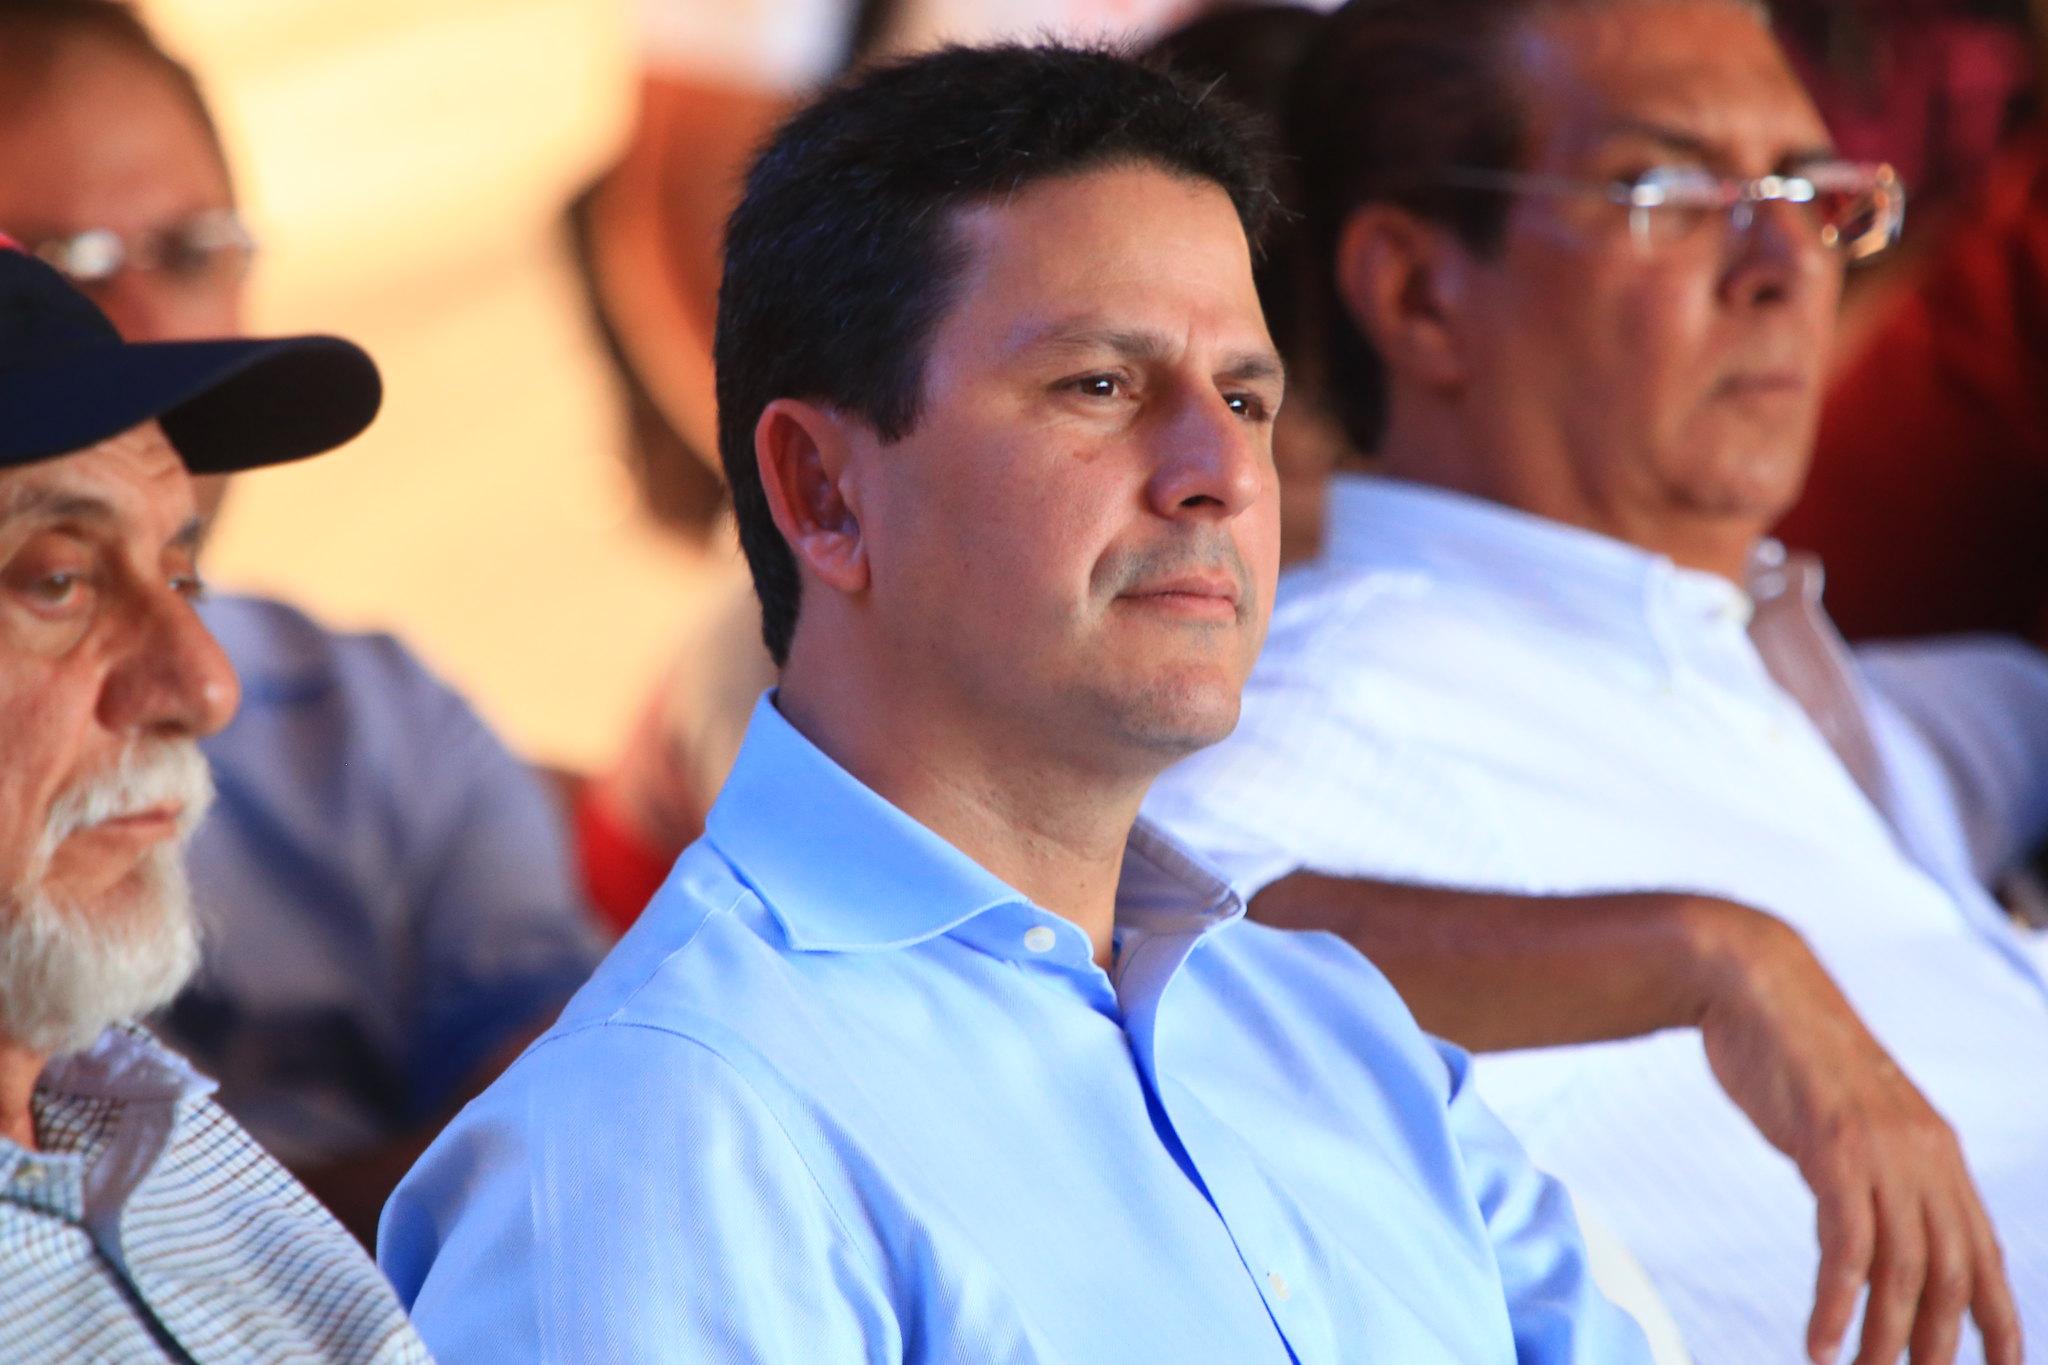 IMAGEM: PSDB: Bolsonaro apresentou provas de que é 'dado a paranoias e teorias da conspiração'